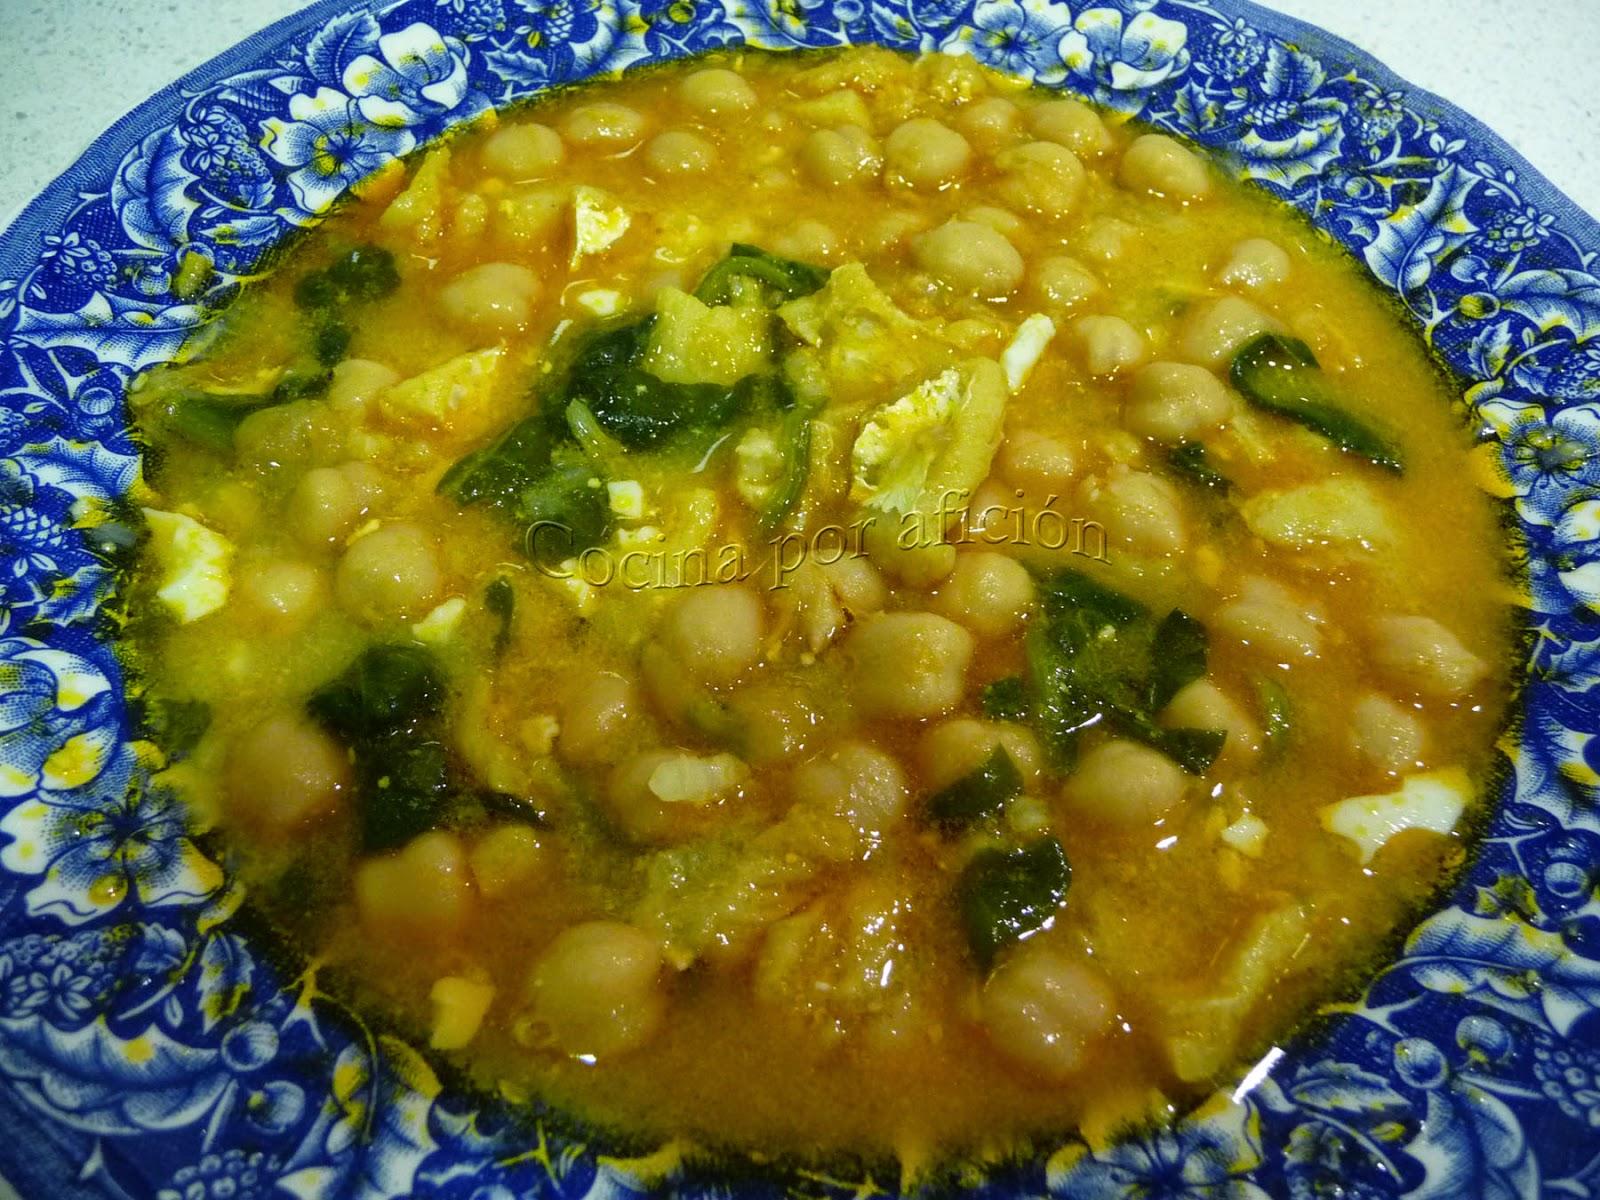 http://cocinaporaficion.blogspot.com.es/2012/03/potaje-de-garbanzos-con-bacalao-y.html